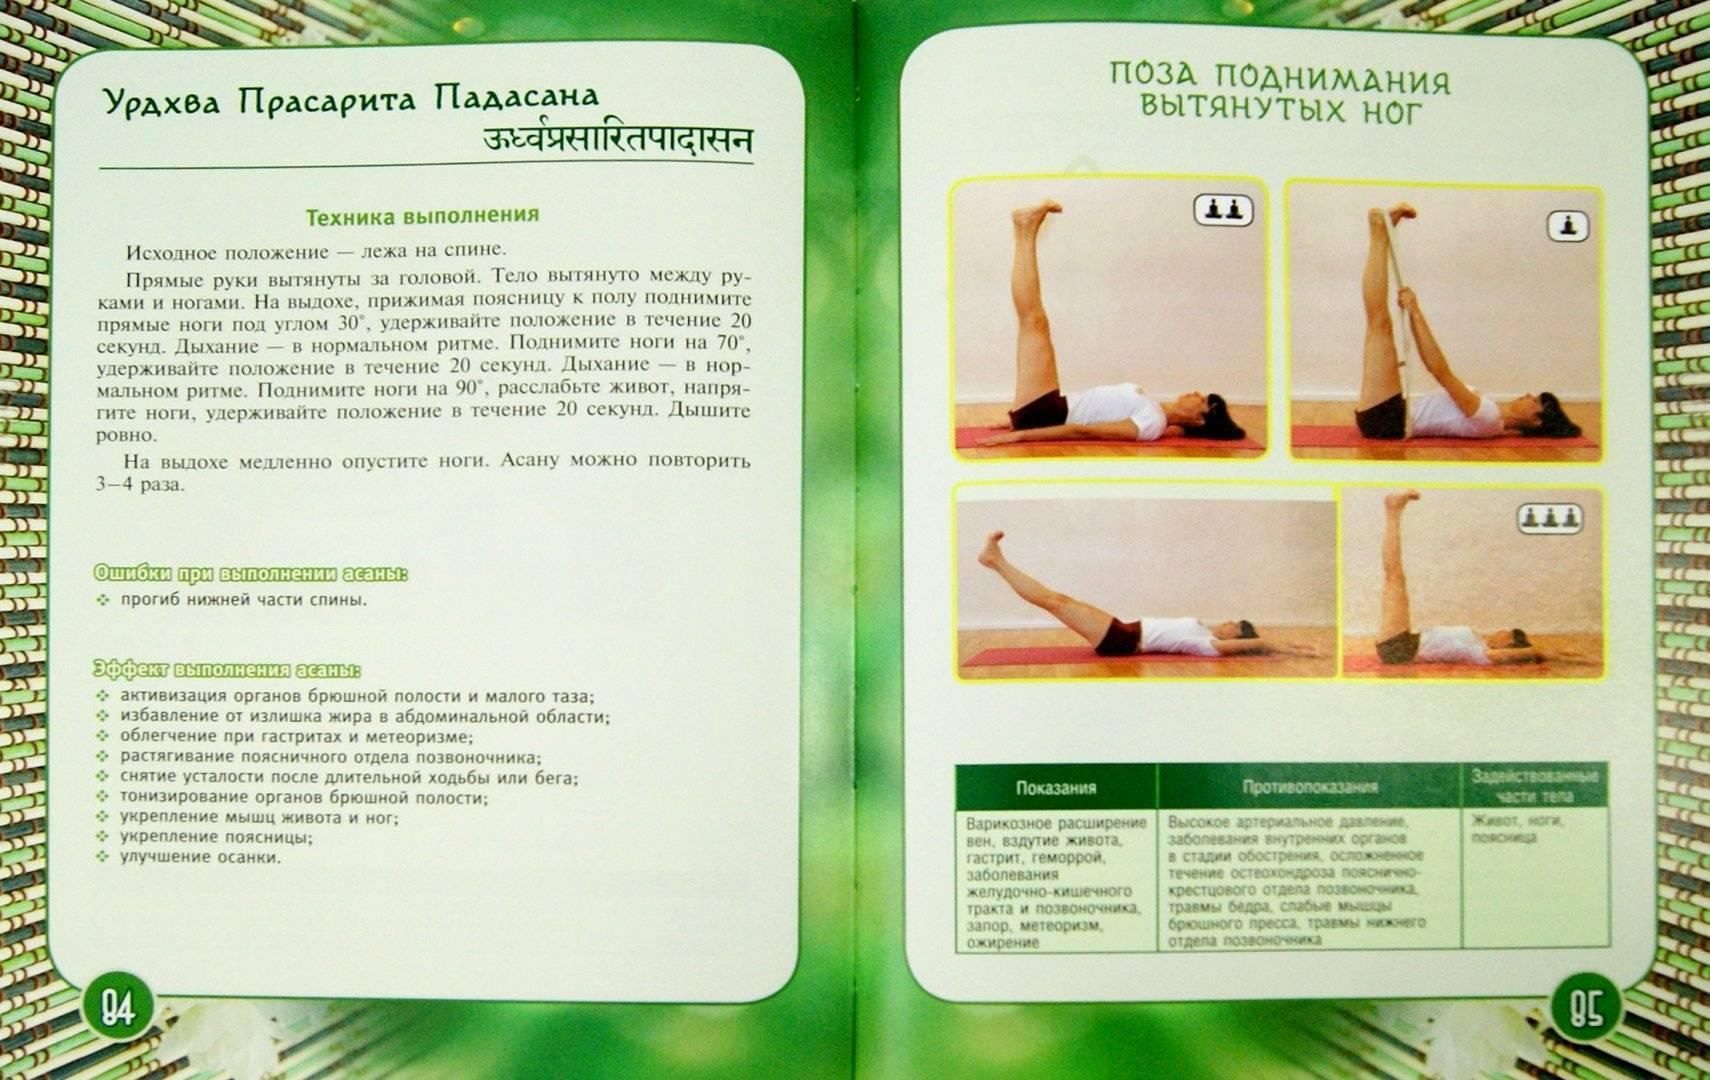 Yoga_method | йога_метод |   постнатальная йога  как метод восстановления организма после беременности и родов | yoga_method | йога_метод